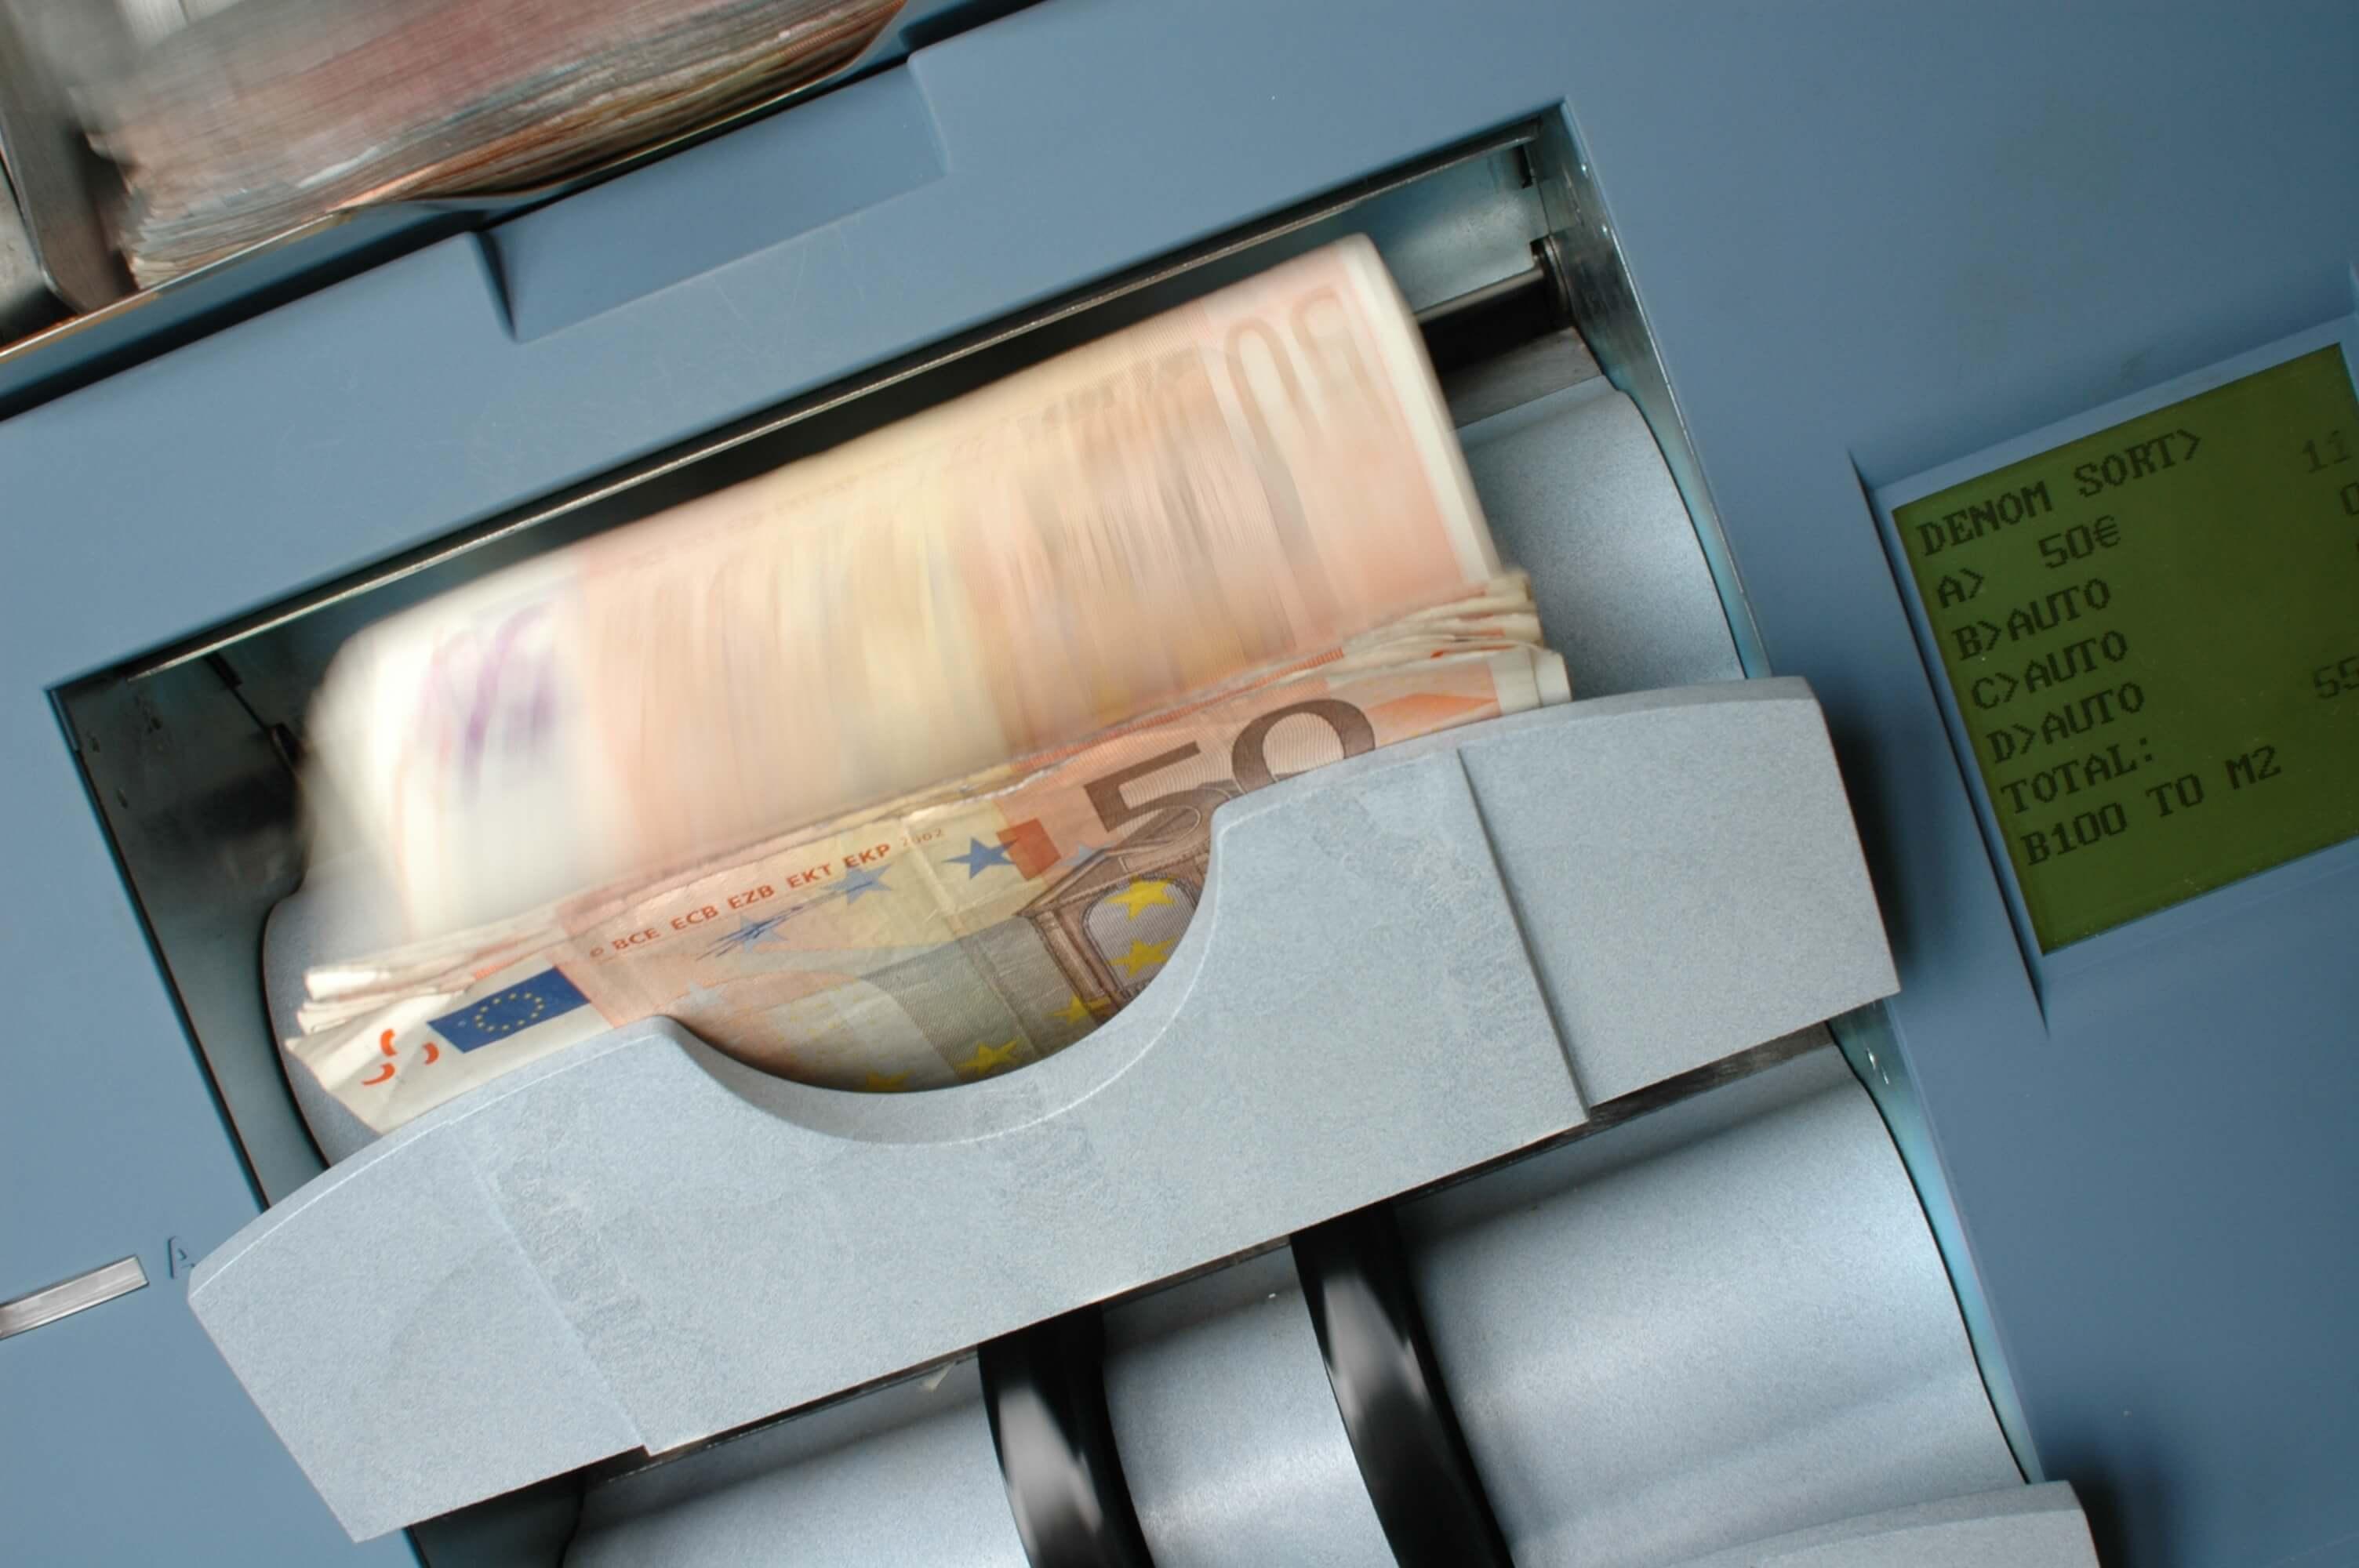 notas de dinheiro sendo contadas em máquina. conteúdo sobre armadilha da liquidez